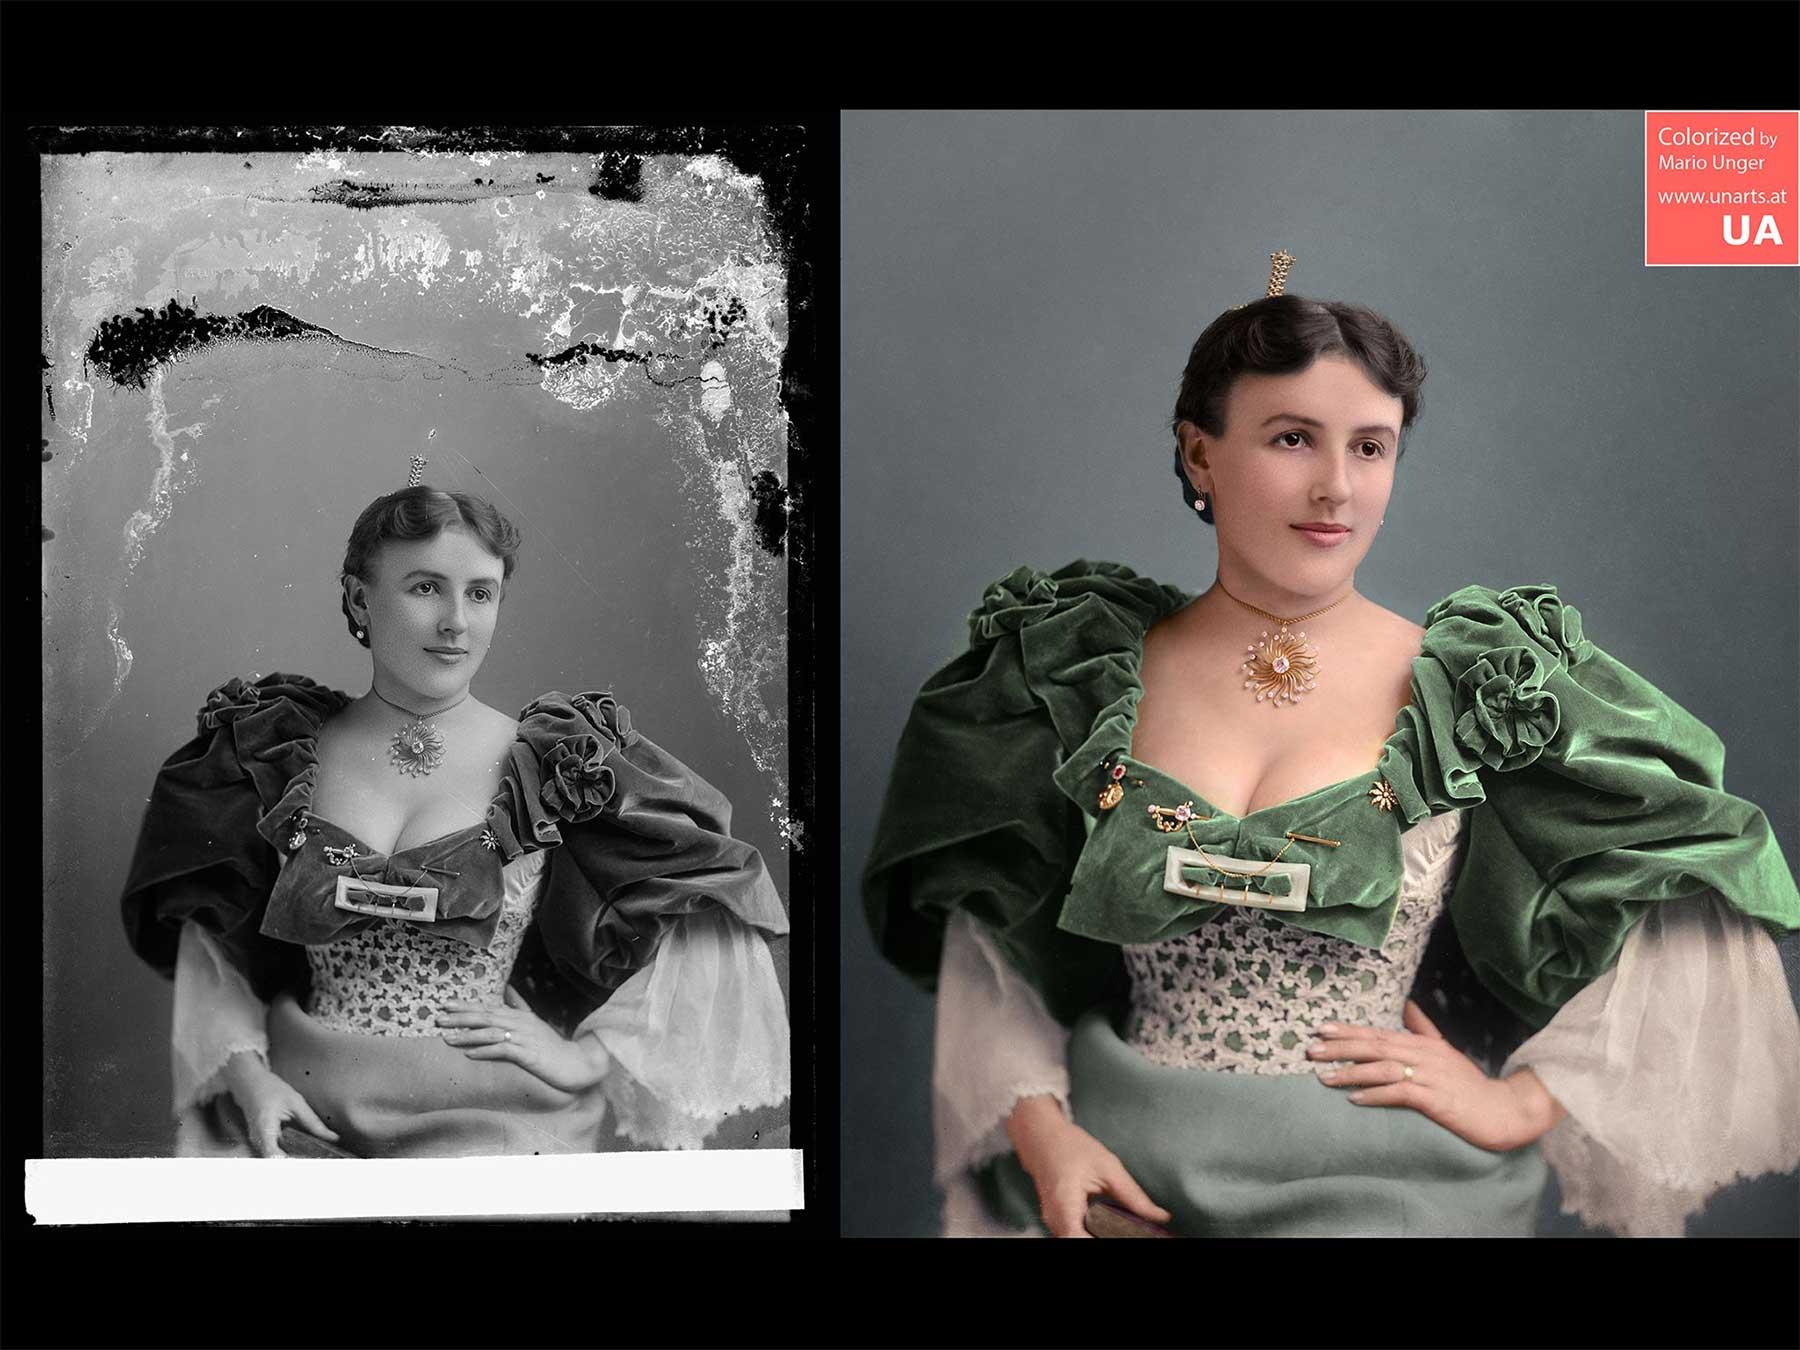 Beeindruckende Foto-Restaurationen von Mario Unger mario-unger-fotorestauration_02